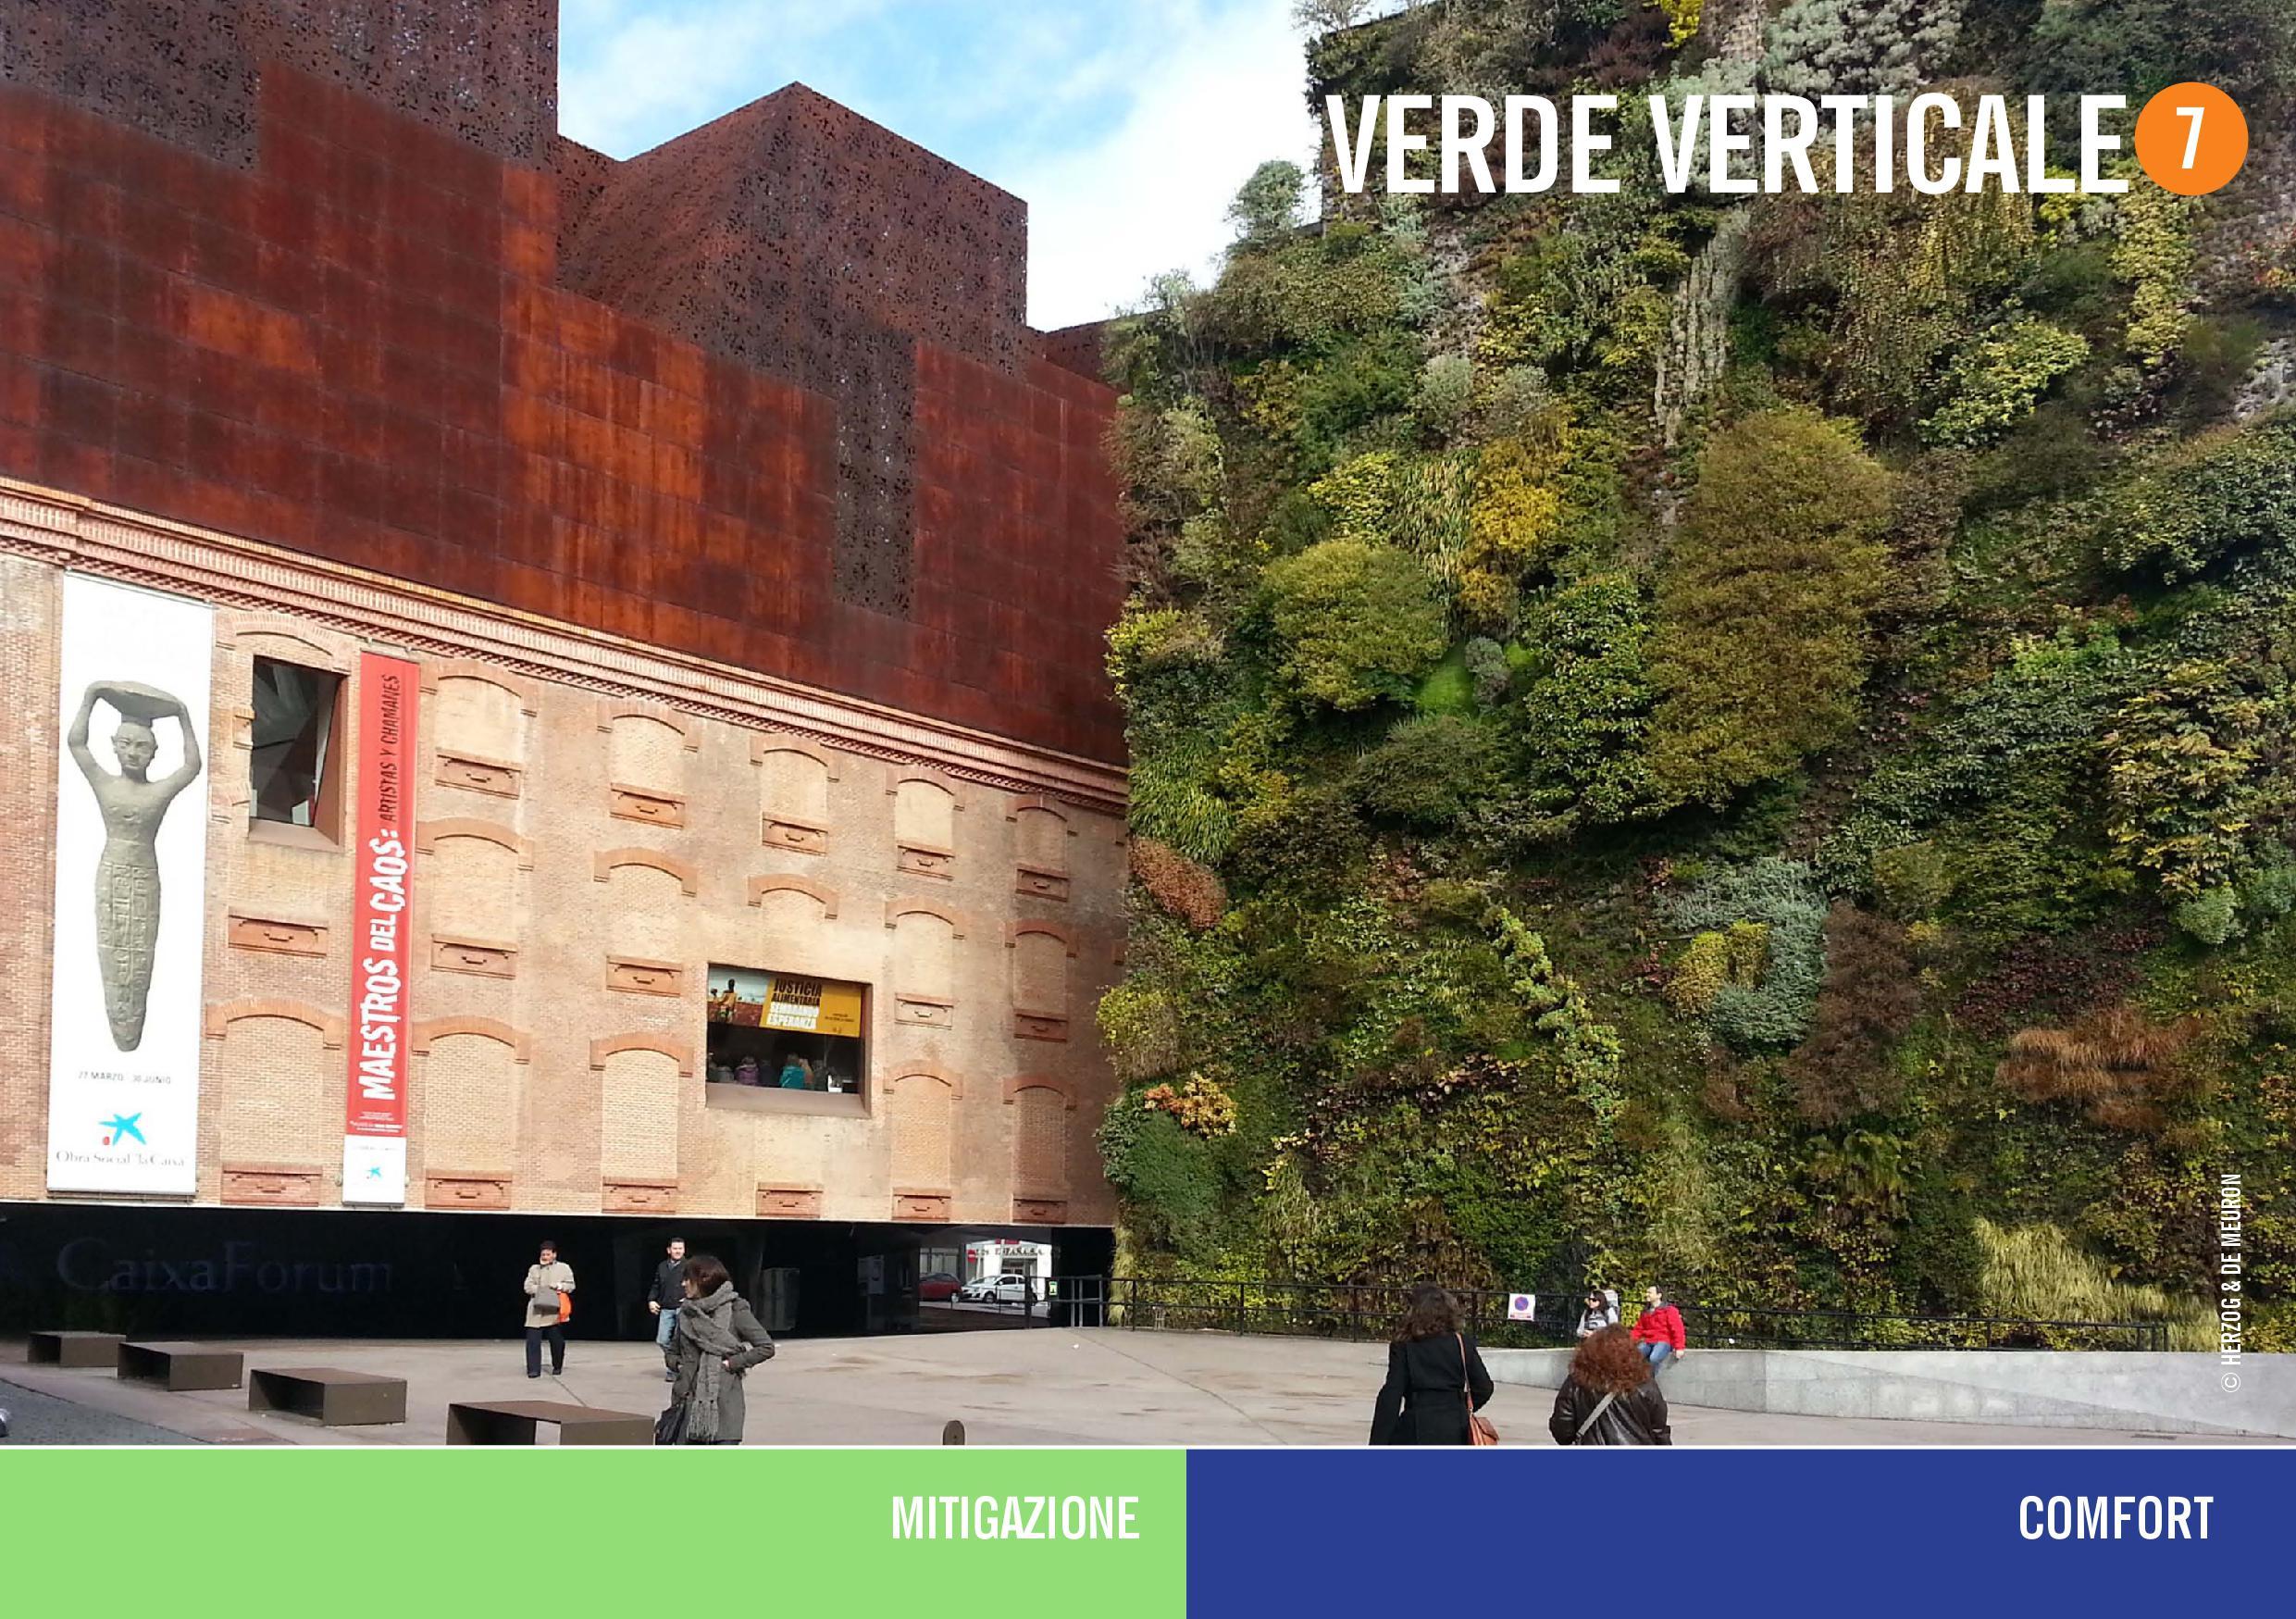 Verde verticale 1